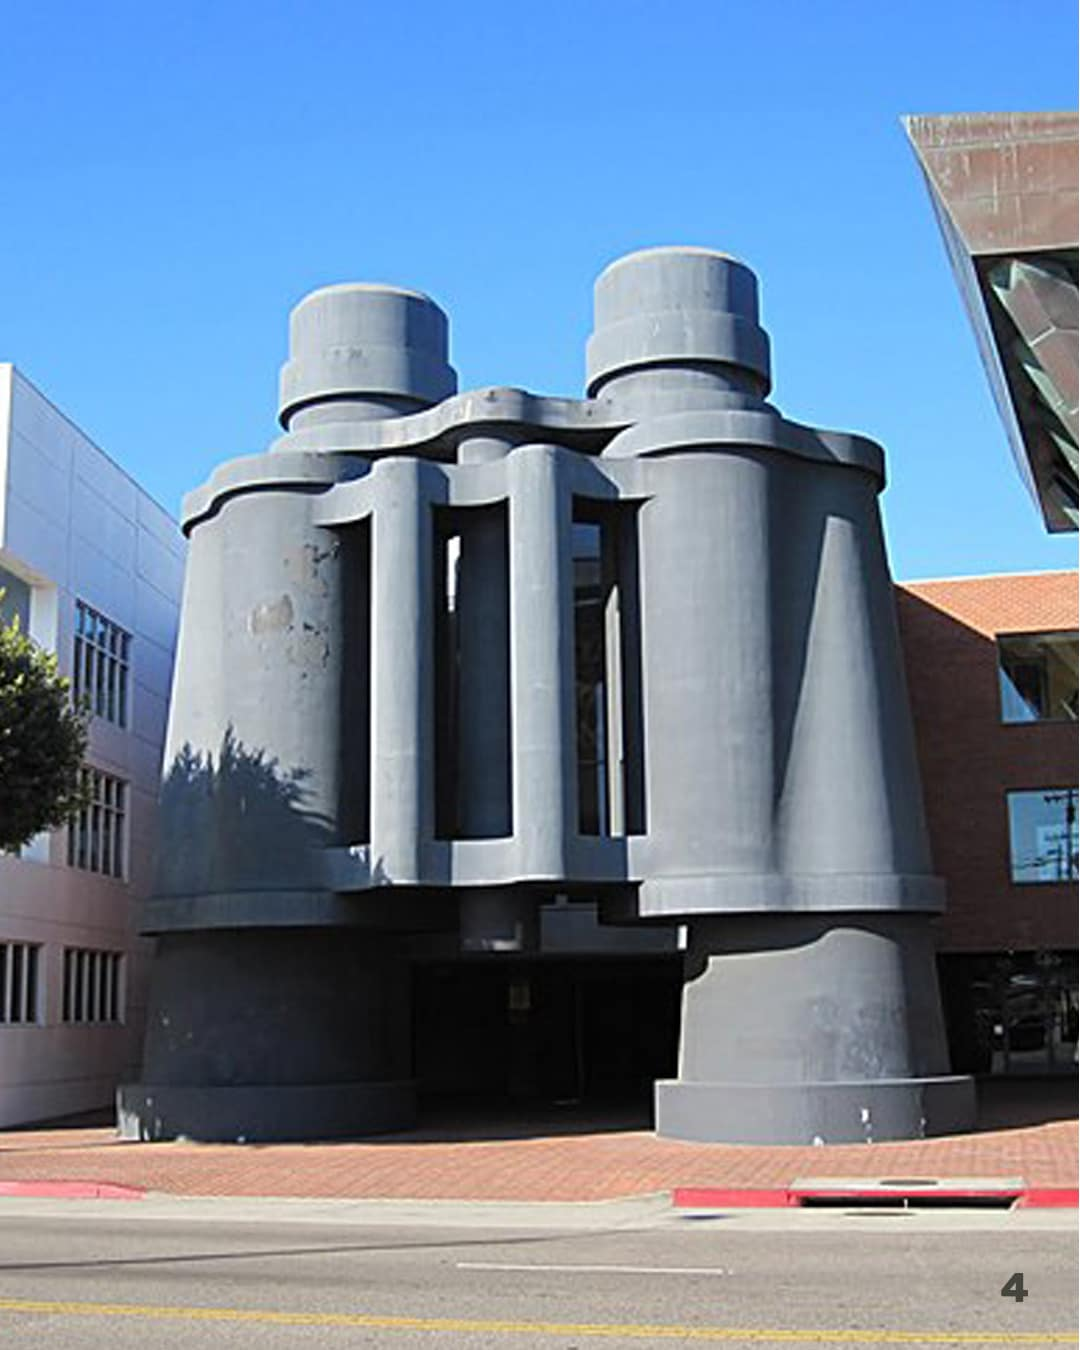 Frank Gehry Claes Oldenburg Binoculars Building Los Angeles stile onirico